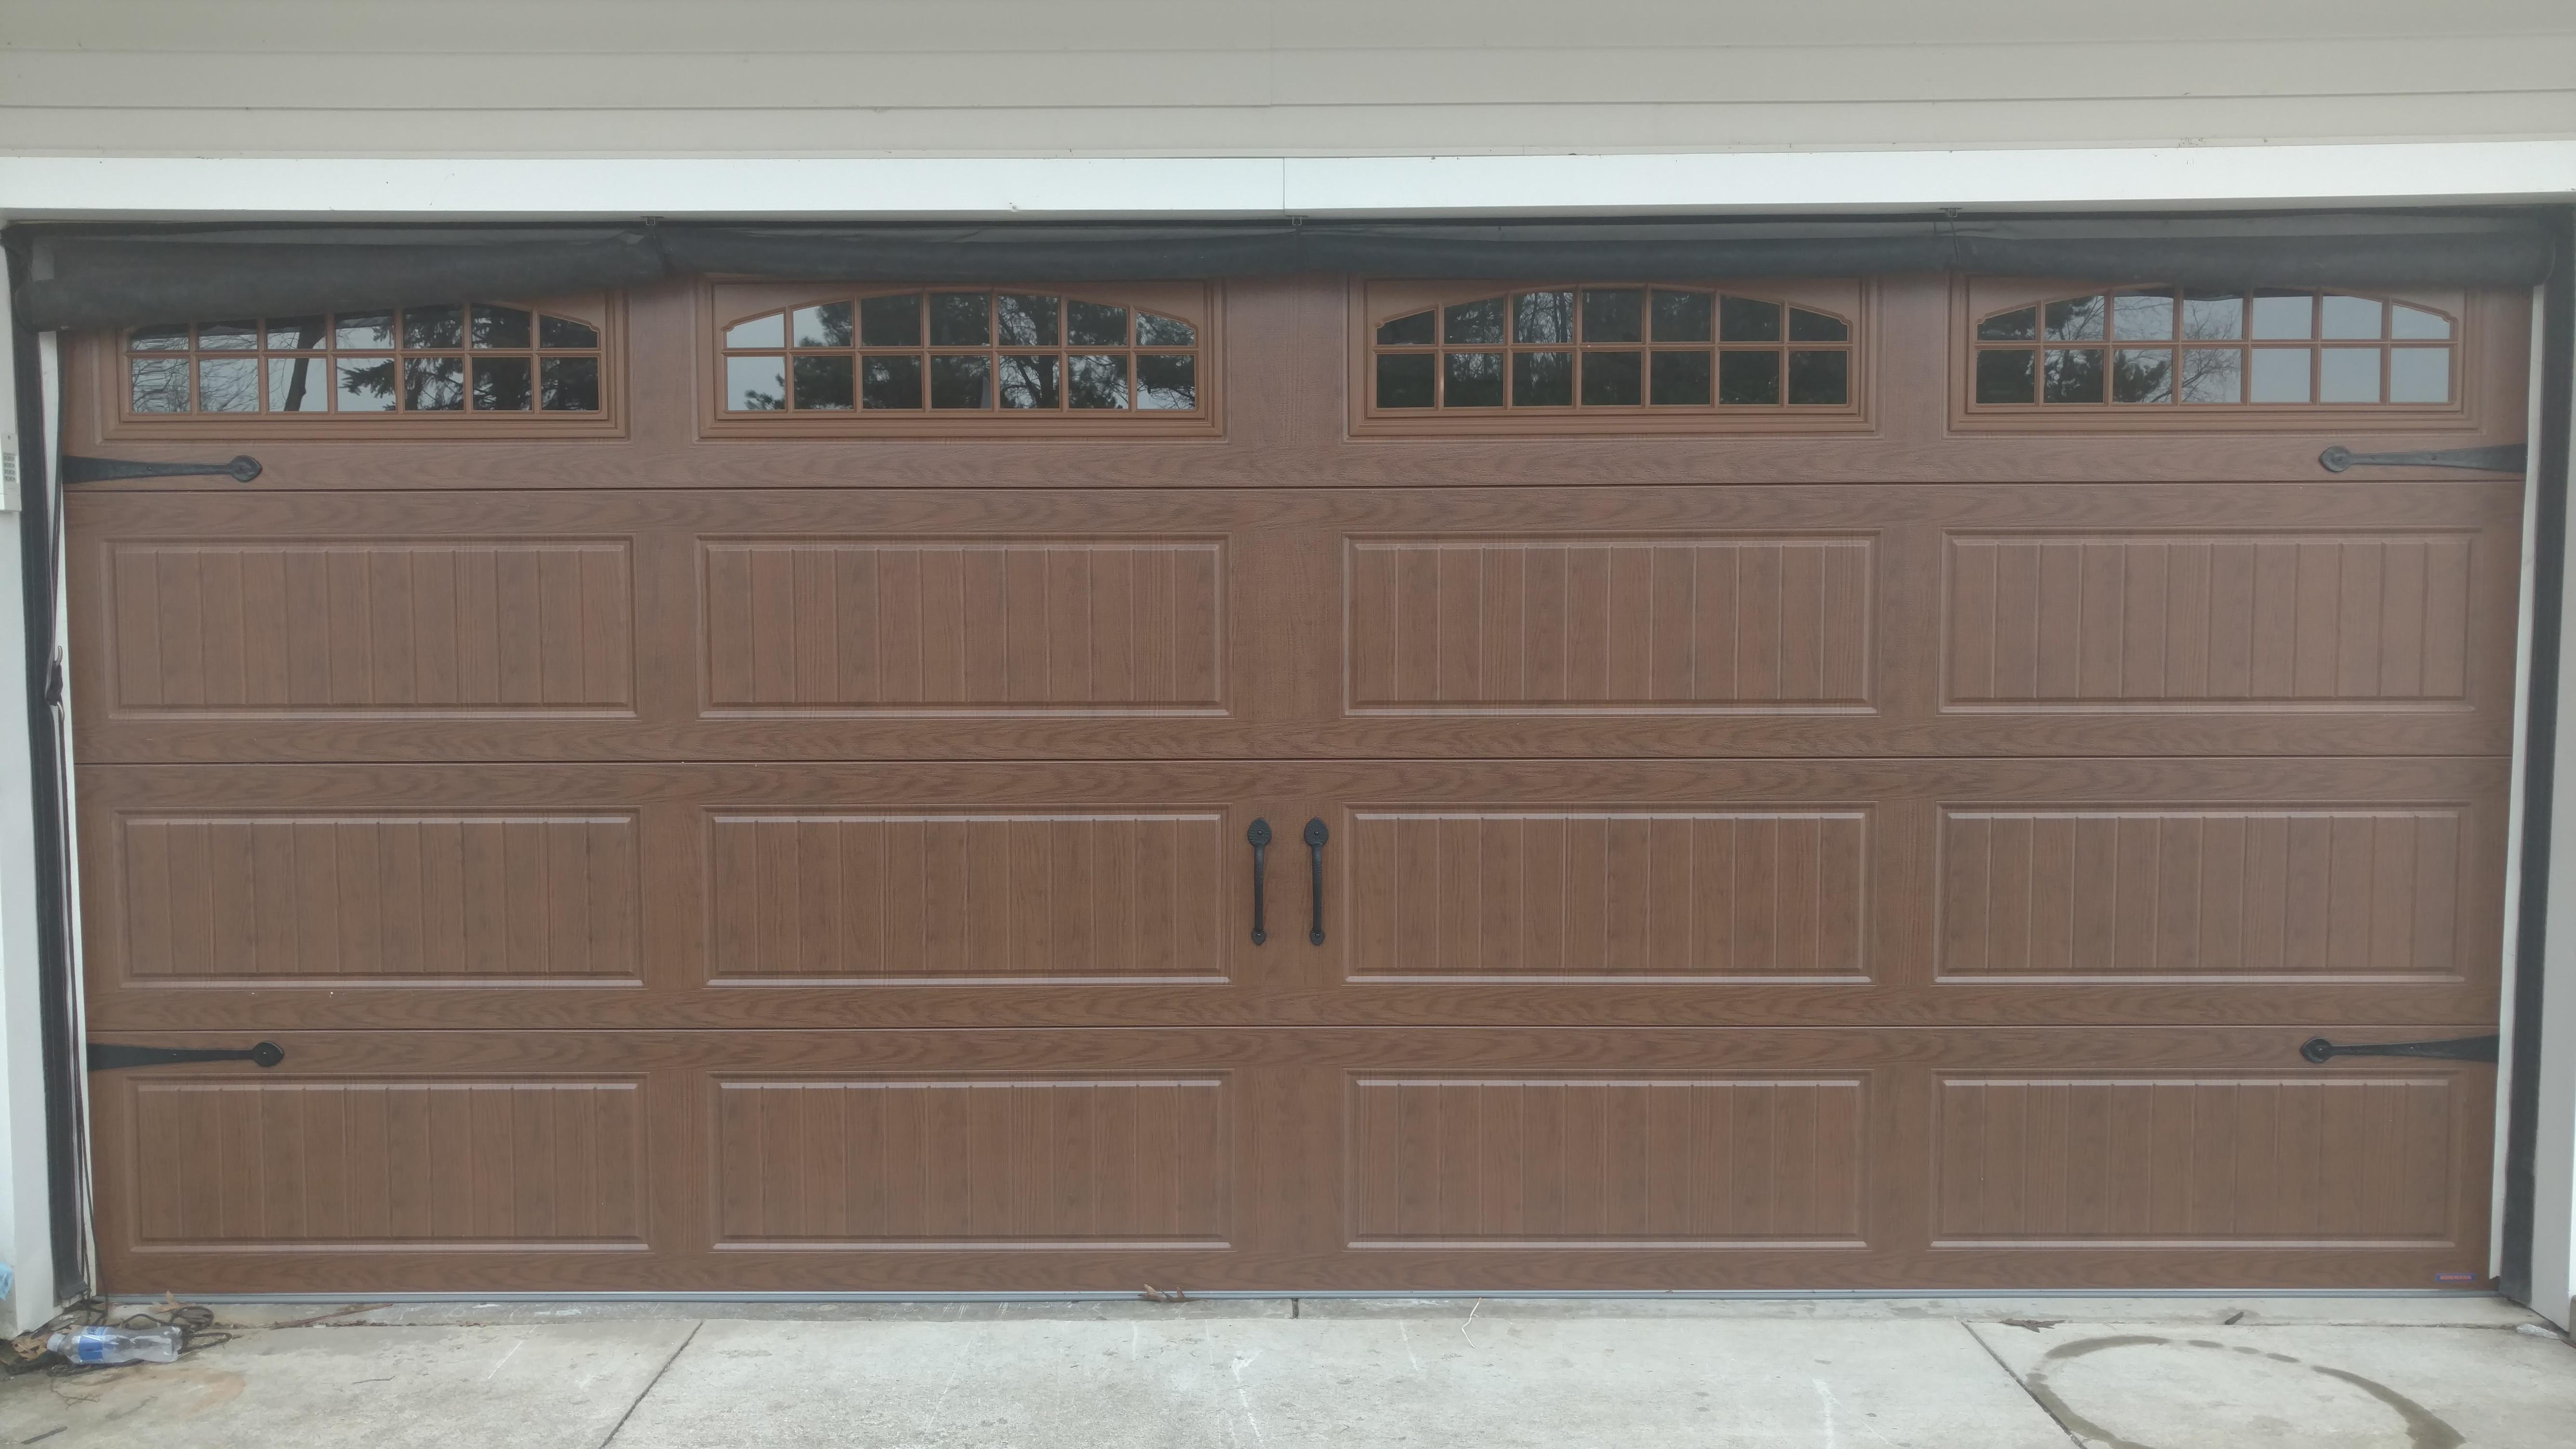 indianapolis door overhead attractive x full jose contractor com in experiencecanyonroad san designs of garage large size doors repair